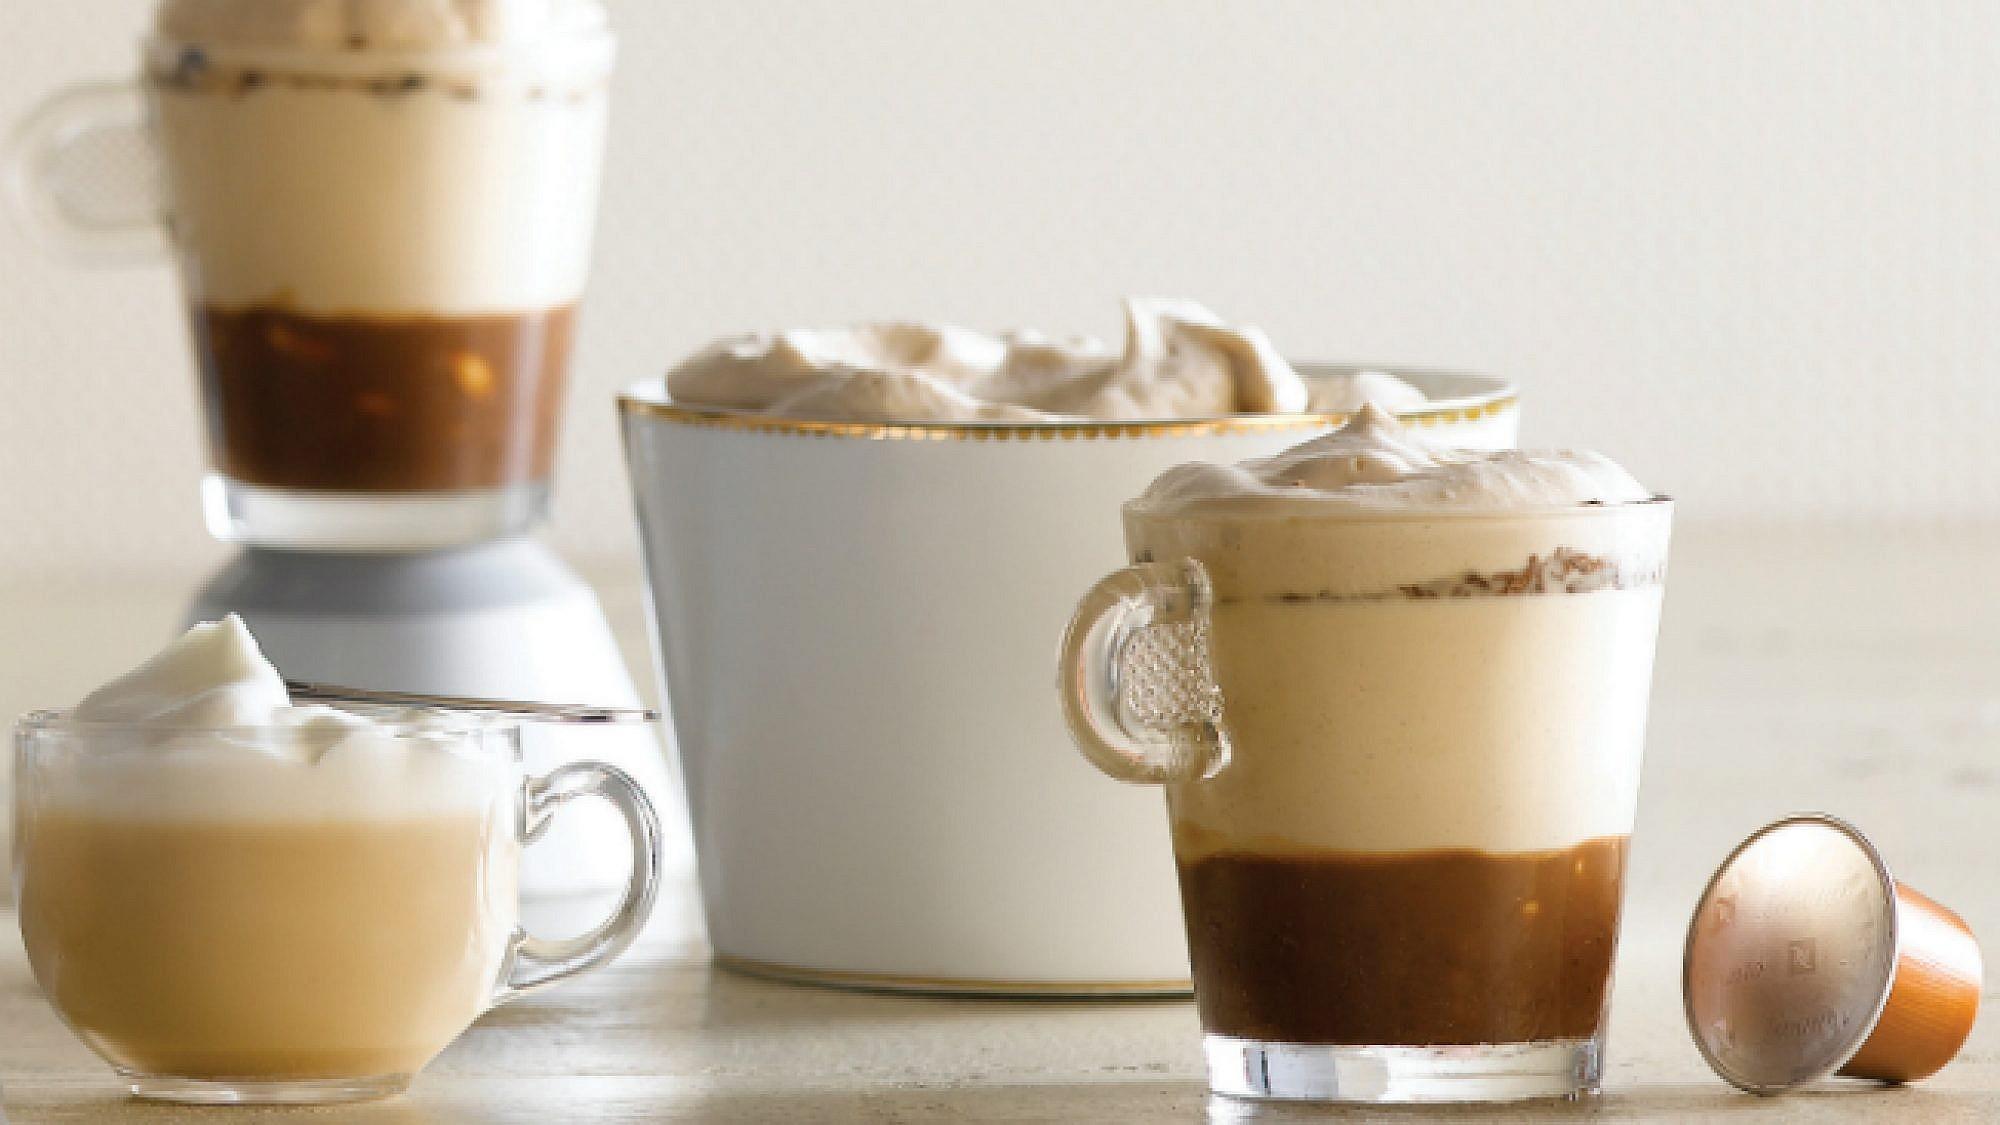 שכבות נספרסו שוקולד חלב ובוטנים. צילום: רונן מנגן | סגנון: עמית פרבר